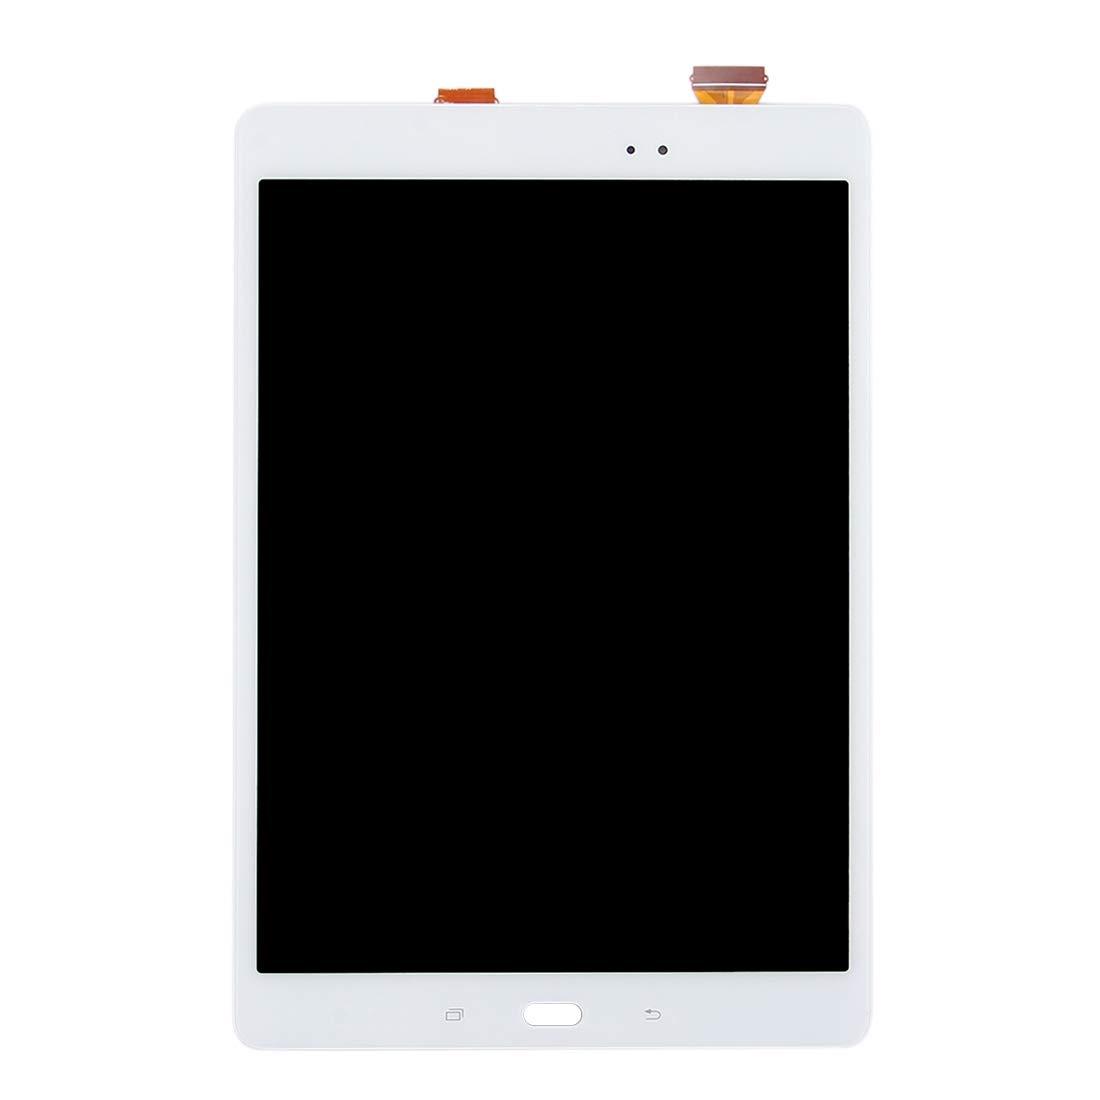 【保障できる】 修理用フロントパネル(フロントガラスデジタイザ)タッチパネル Lcd液晶パネルセット 白 Galaxy Tab (色 A 9.7/ 9.7 P550 LCDスクリーンとデジタイザーフルアセンブリ(ブラック)用 (色 : 白) 白 B07N6SFBVW, 印章製造直販本舗 こだわり屋:3ec37267 --- senas.4x4.lt